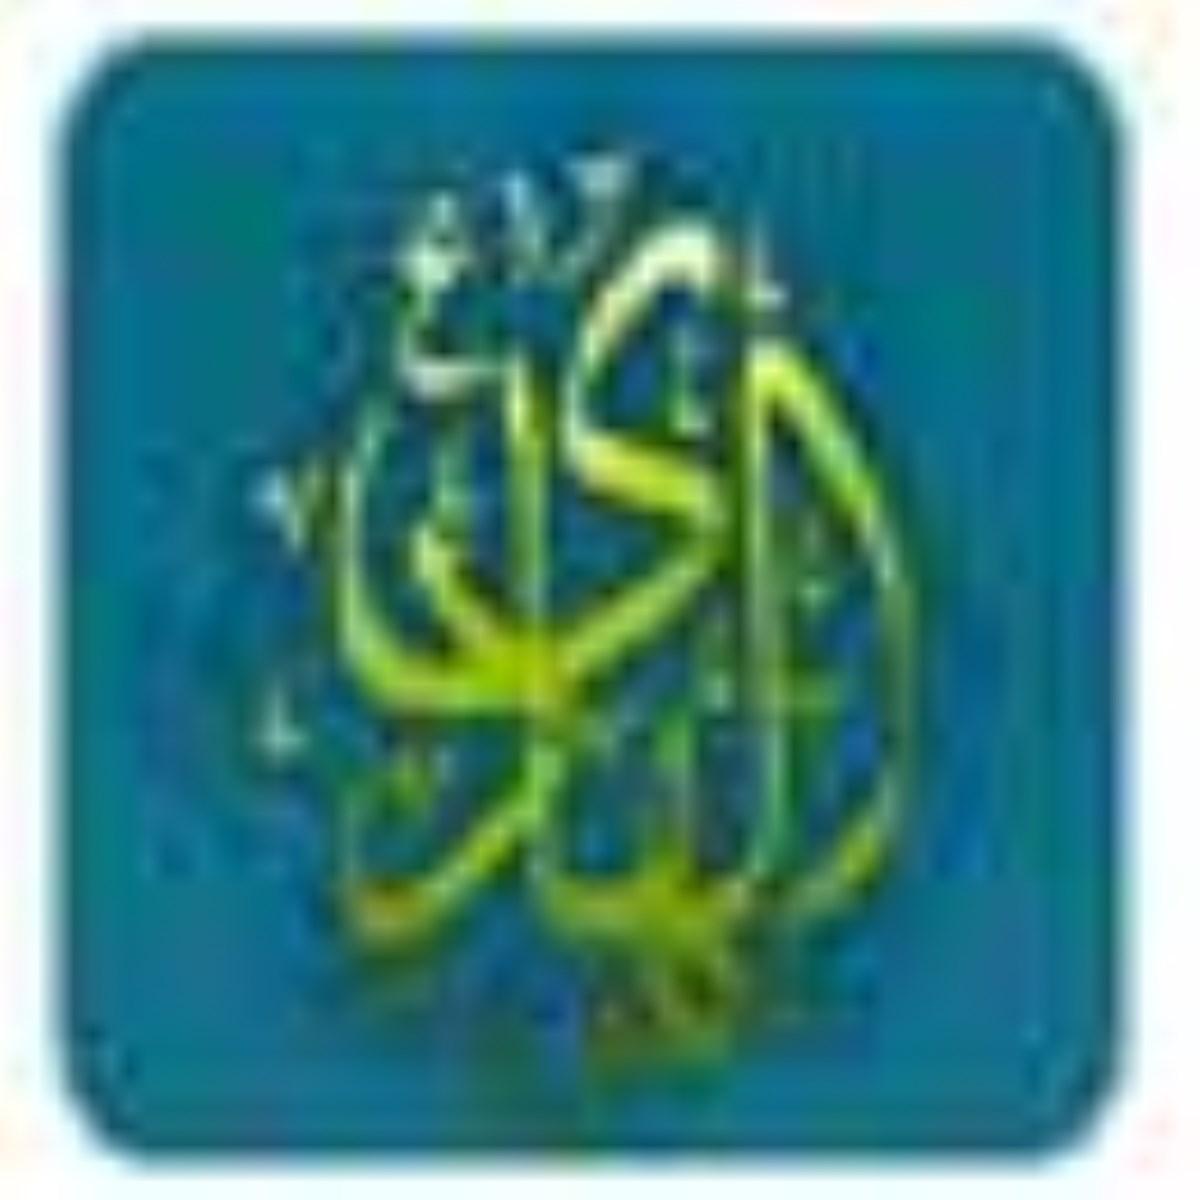 نام های امام هادی (علیه السلام)